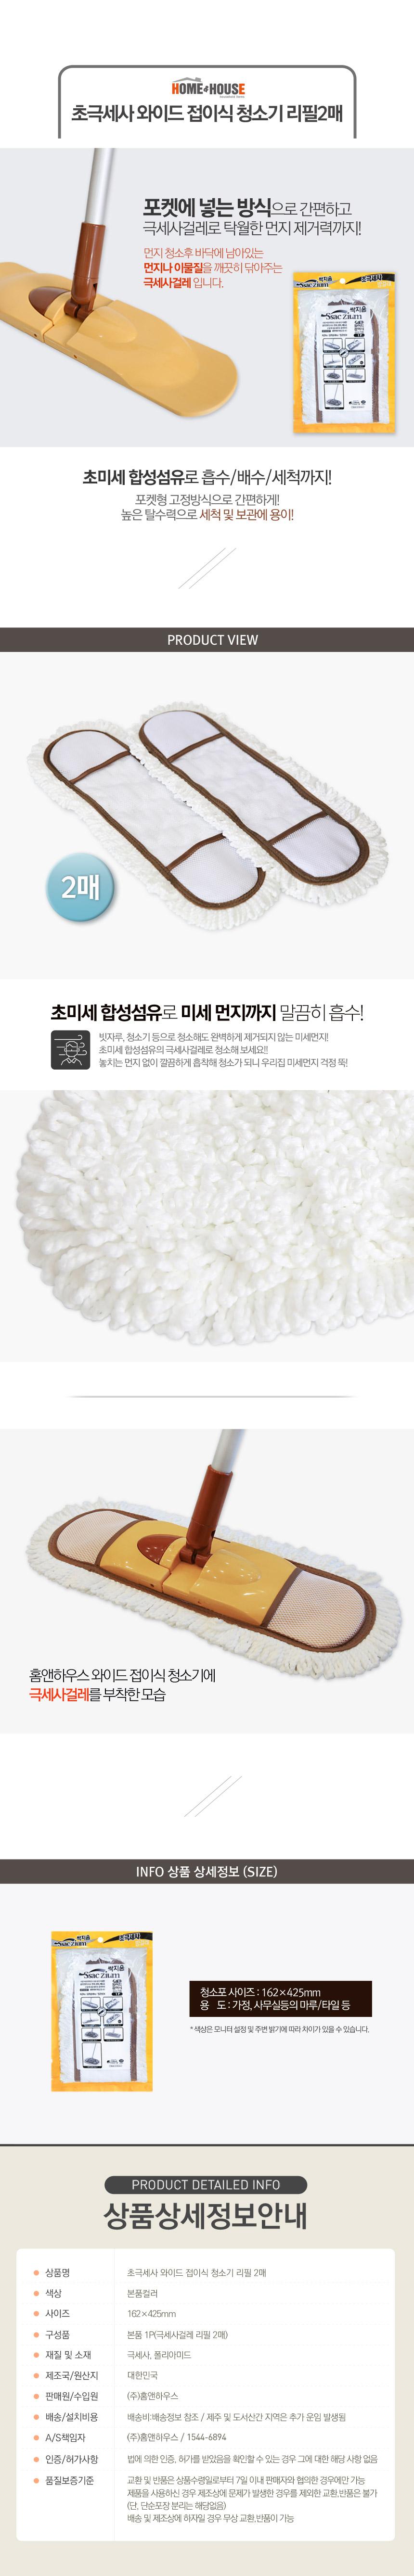 초극세사 와이드 접이식 청소기 리필2매 - 홈앤하우스, 12,500원, 청소도구, 밀대패드